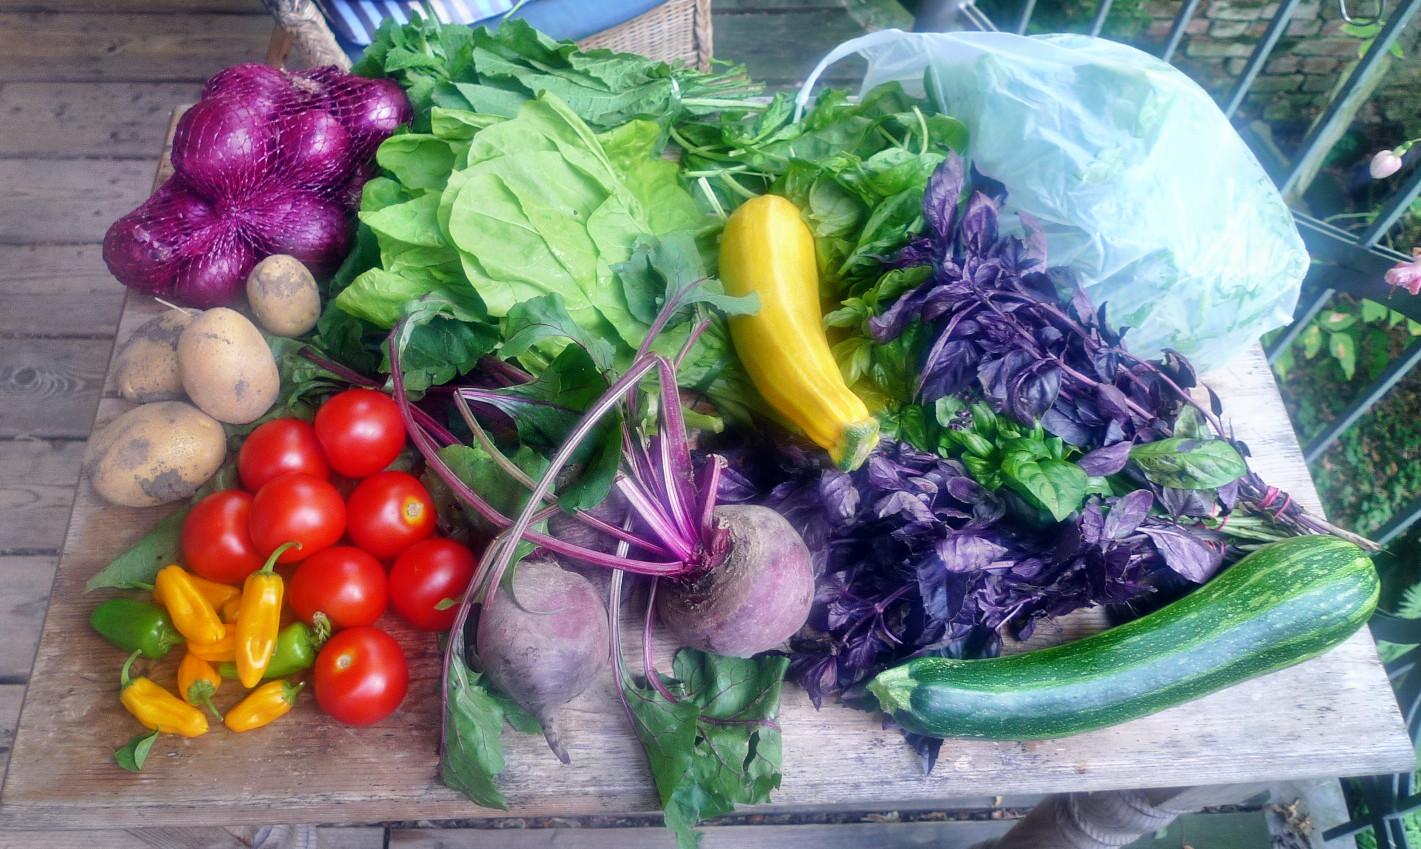 Gemüse vom Markt -22.8 (2)